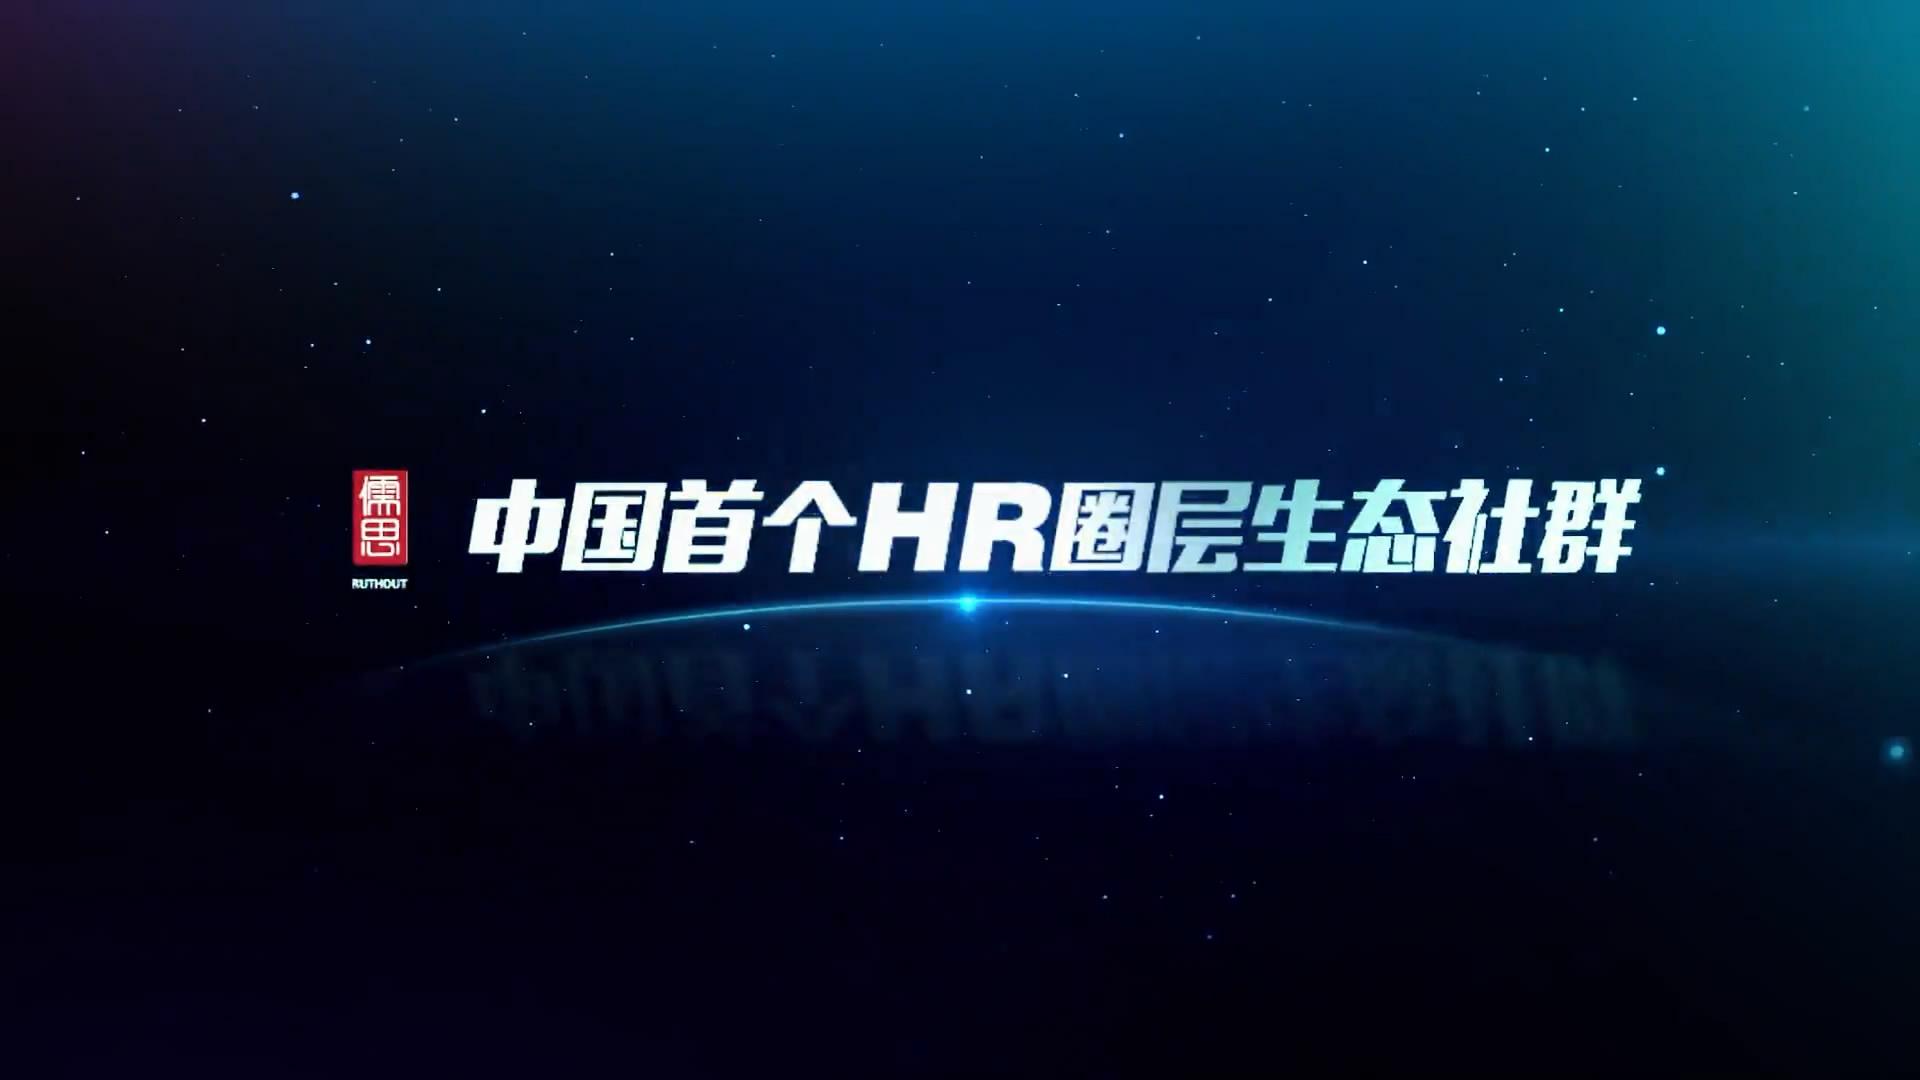 儒思企业品牌宣传片,中国首个HR圈层生态社群,服务一切HR